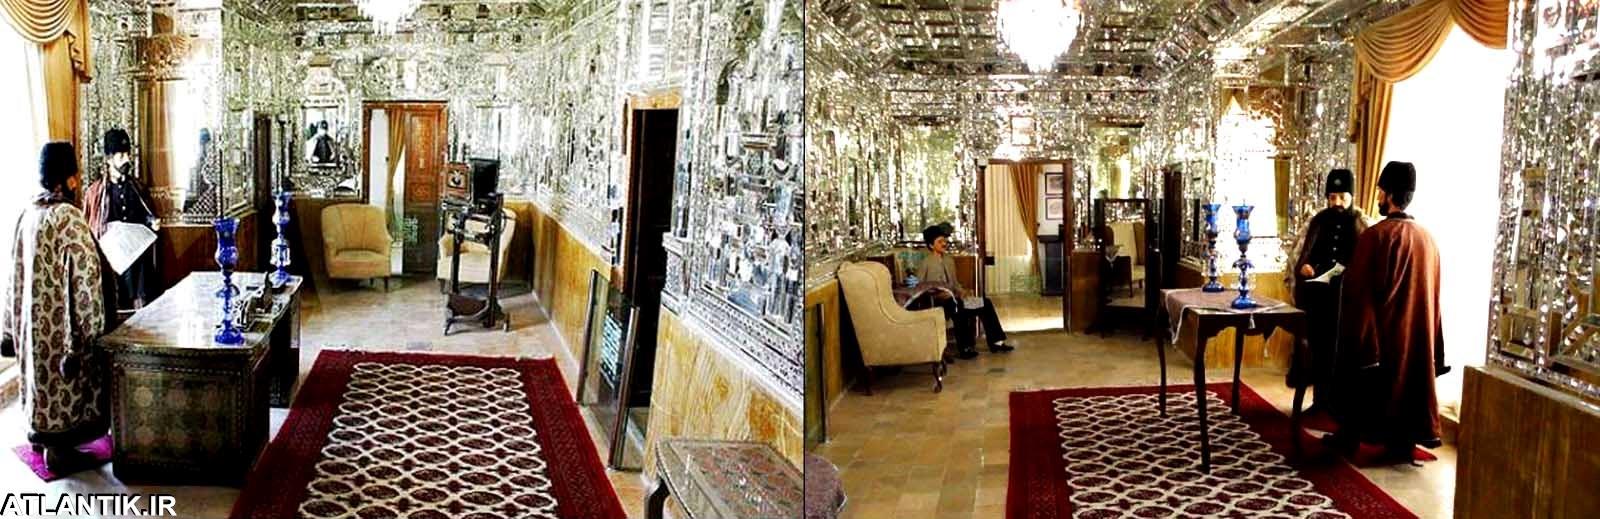 عمارت تاریخی آینه خانه مفخم، مکان های گردشی خراسان شمالی، شهر بجنورد، آتلانتیک